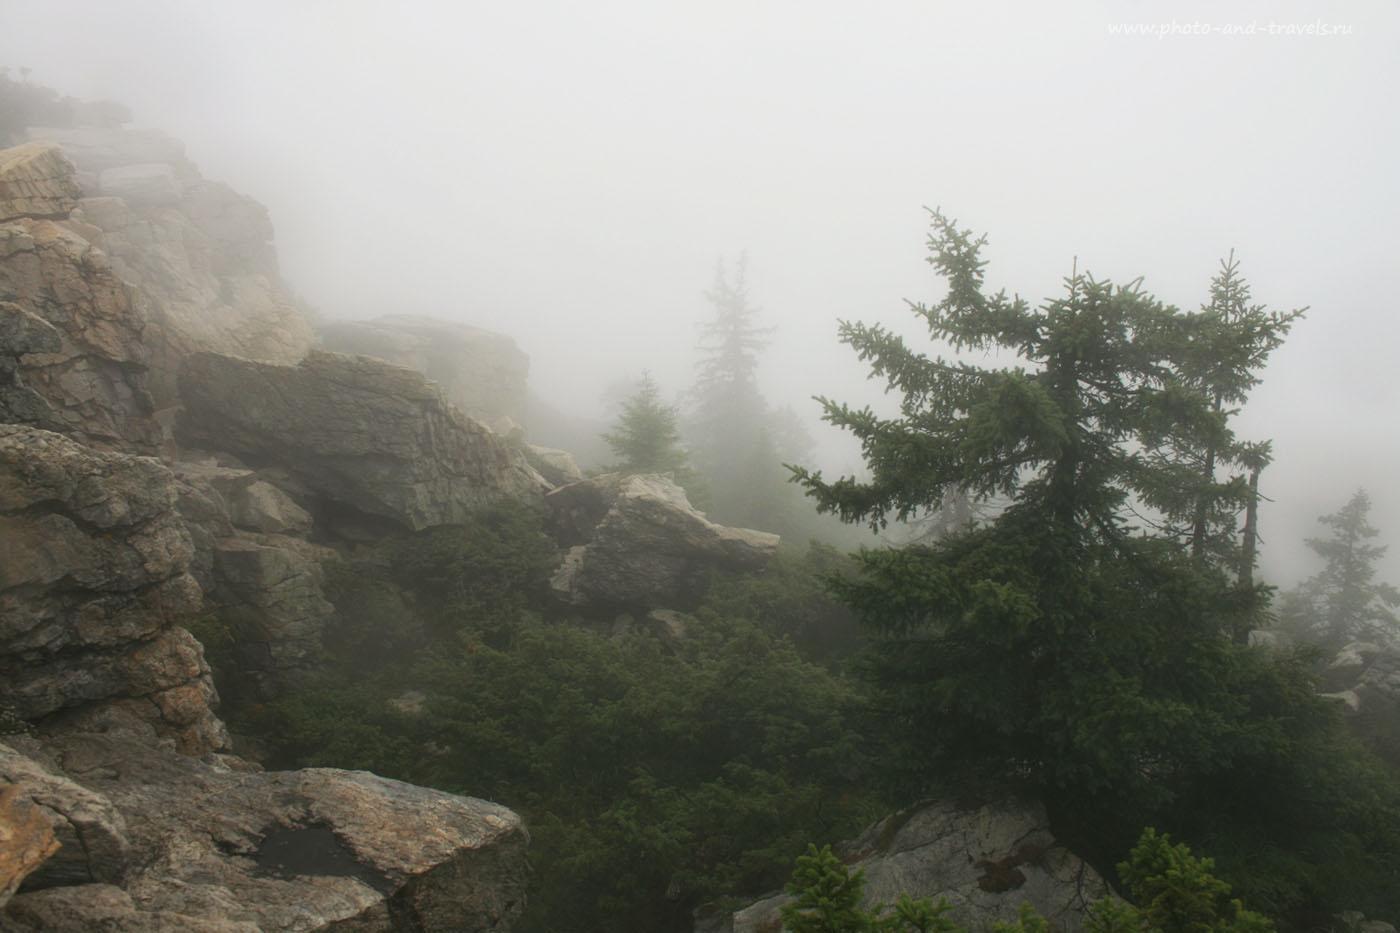 Фото 8. Стоит ли идти на хребет Зюраткуль в дождливую погоду? Мне кажется, за такими видами можно отправиться в поход даже, когда на улице пасмурно. 1/125, 6.3, 100, 18. Снято на камеру Canon EOS 400D KIT 18-55.